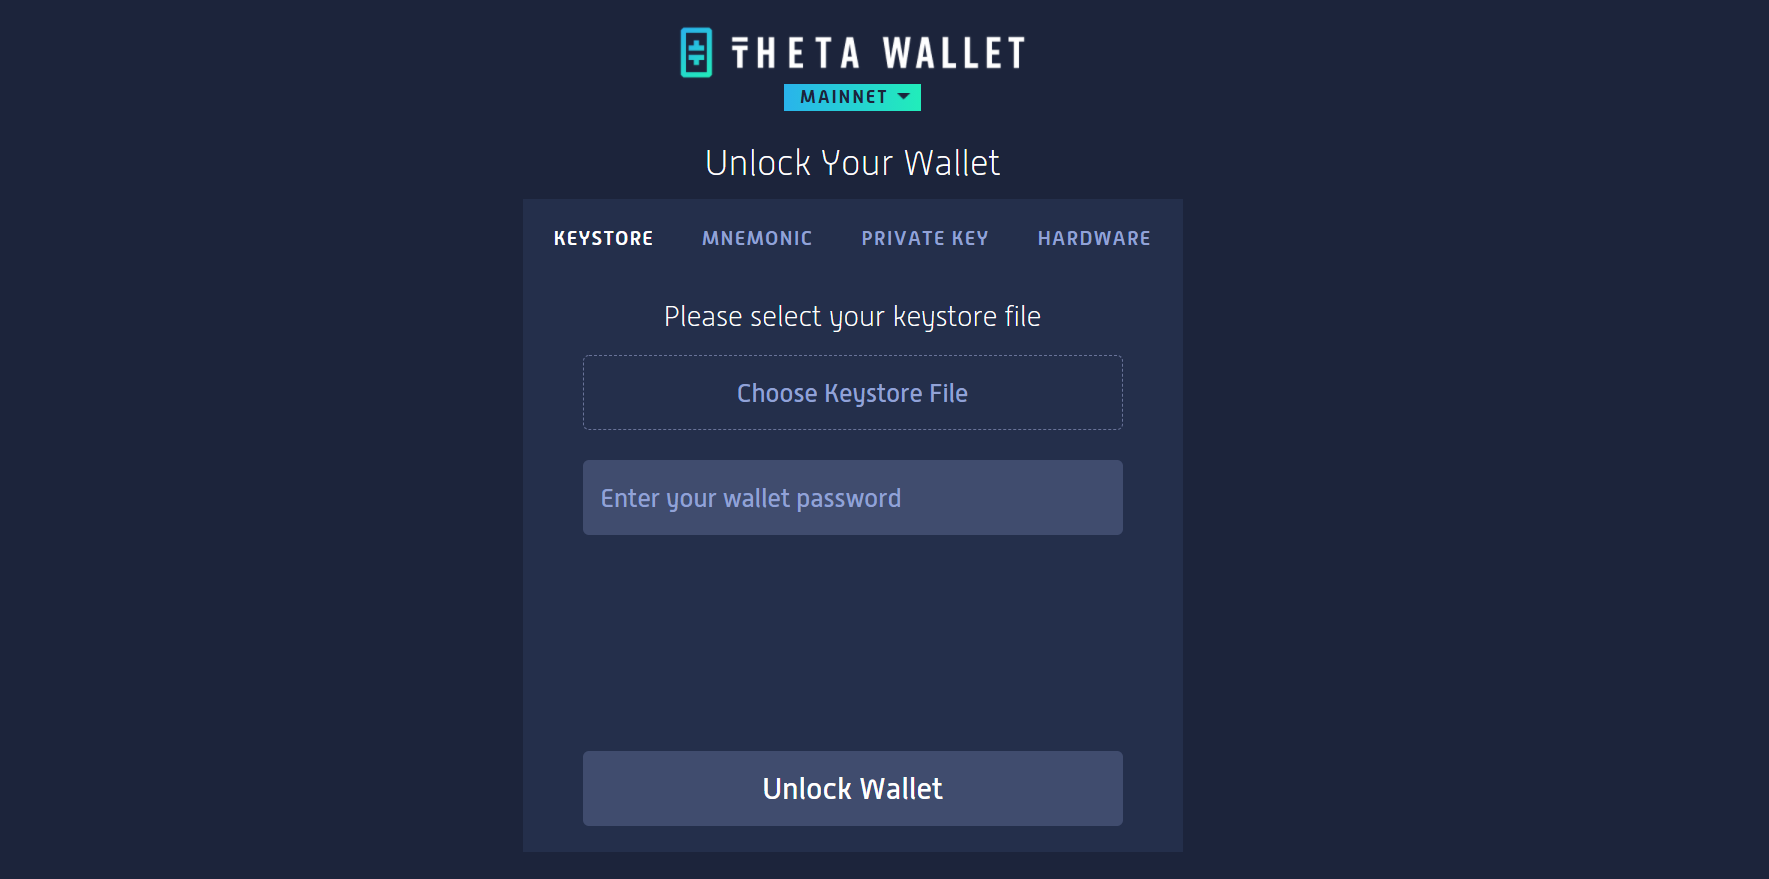 How to stake theta: unlock the theta wallet